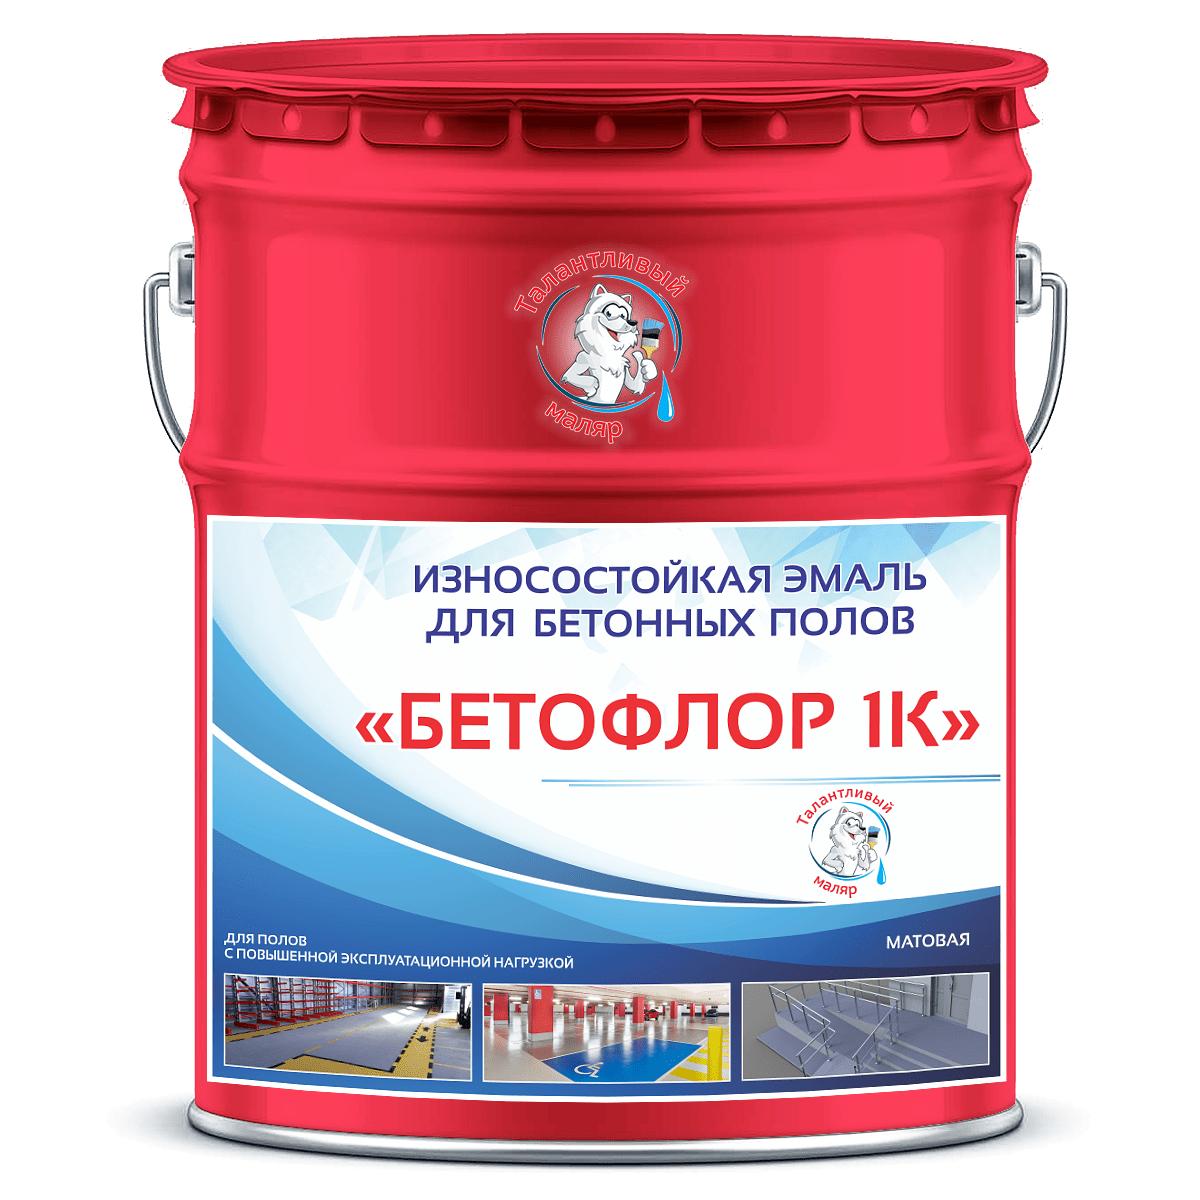 """Фото 7 - BF3018 Эмаль для бетонных полов """"Бетофлор"""" 1К цвет RAL 3018 Клубнично-красный, матовая износостойкая, 25 кг """"Талантливый Маляр""""."""